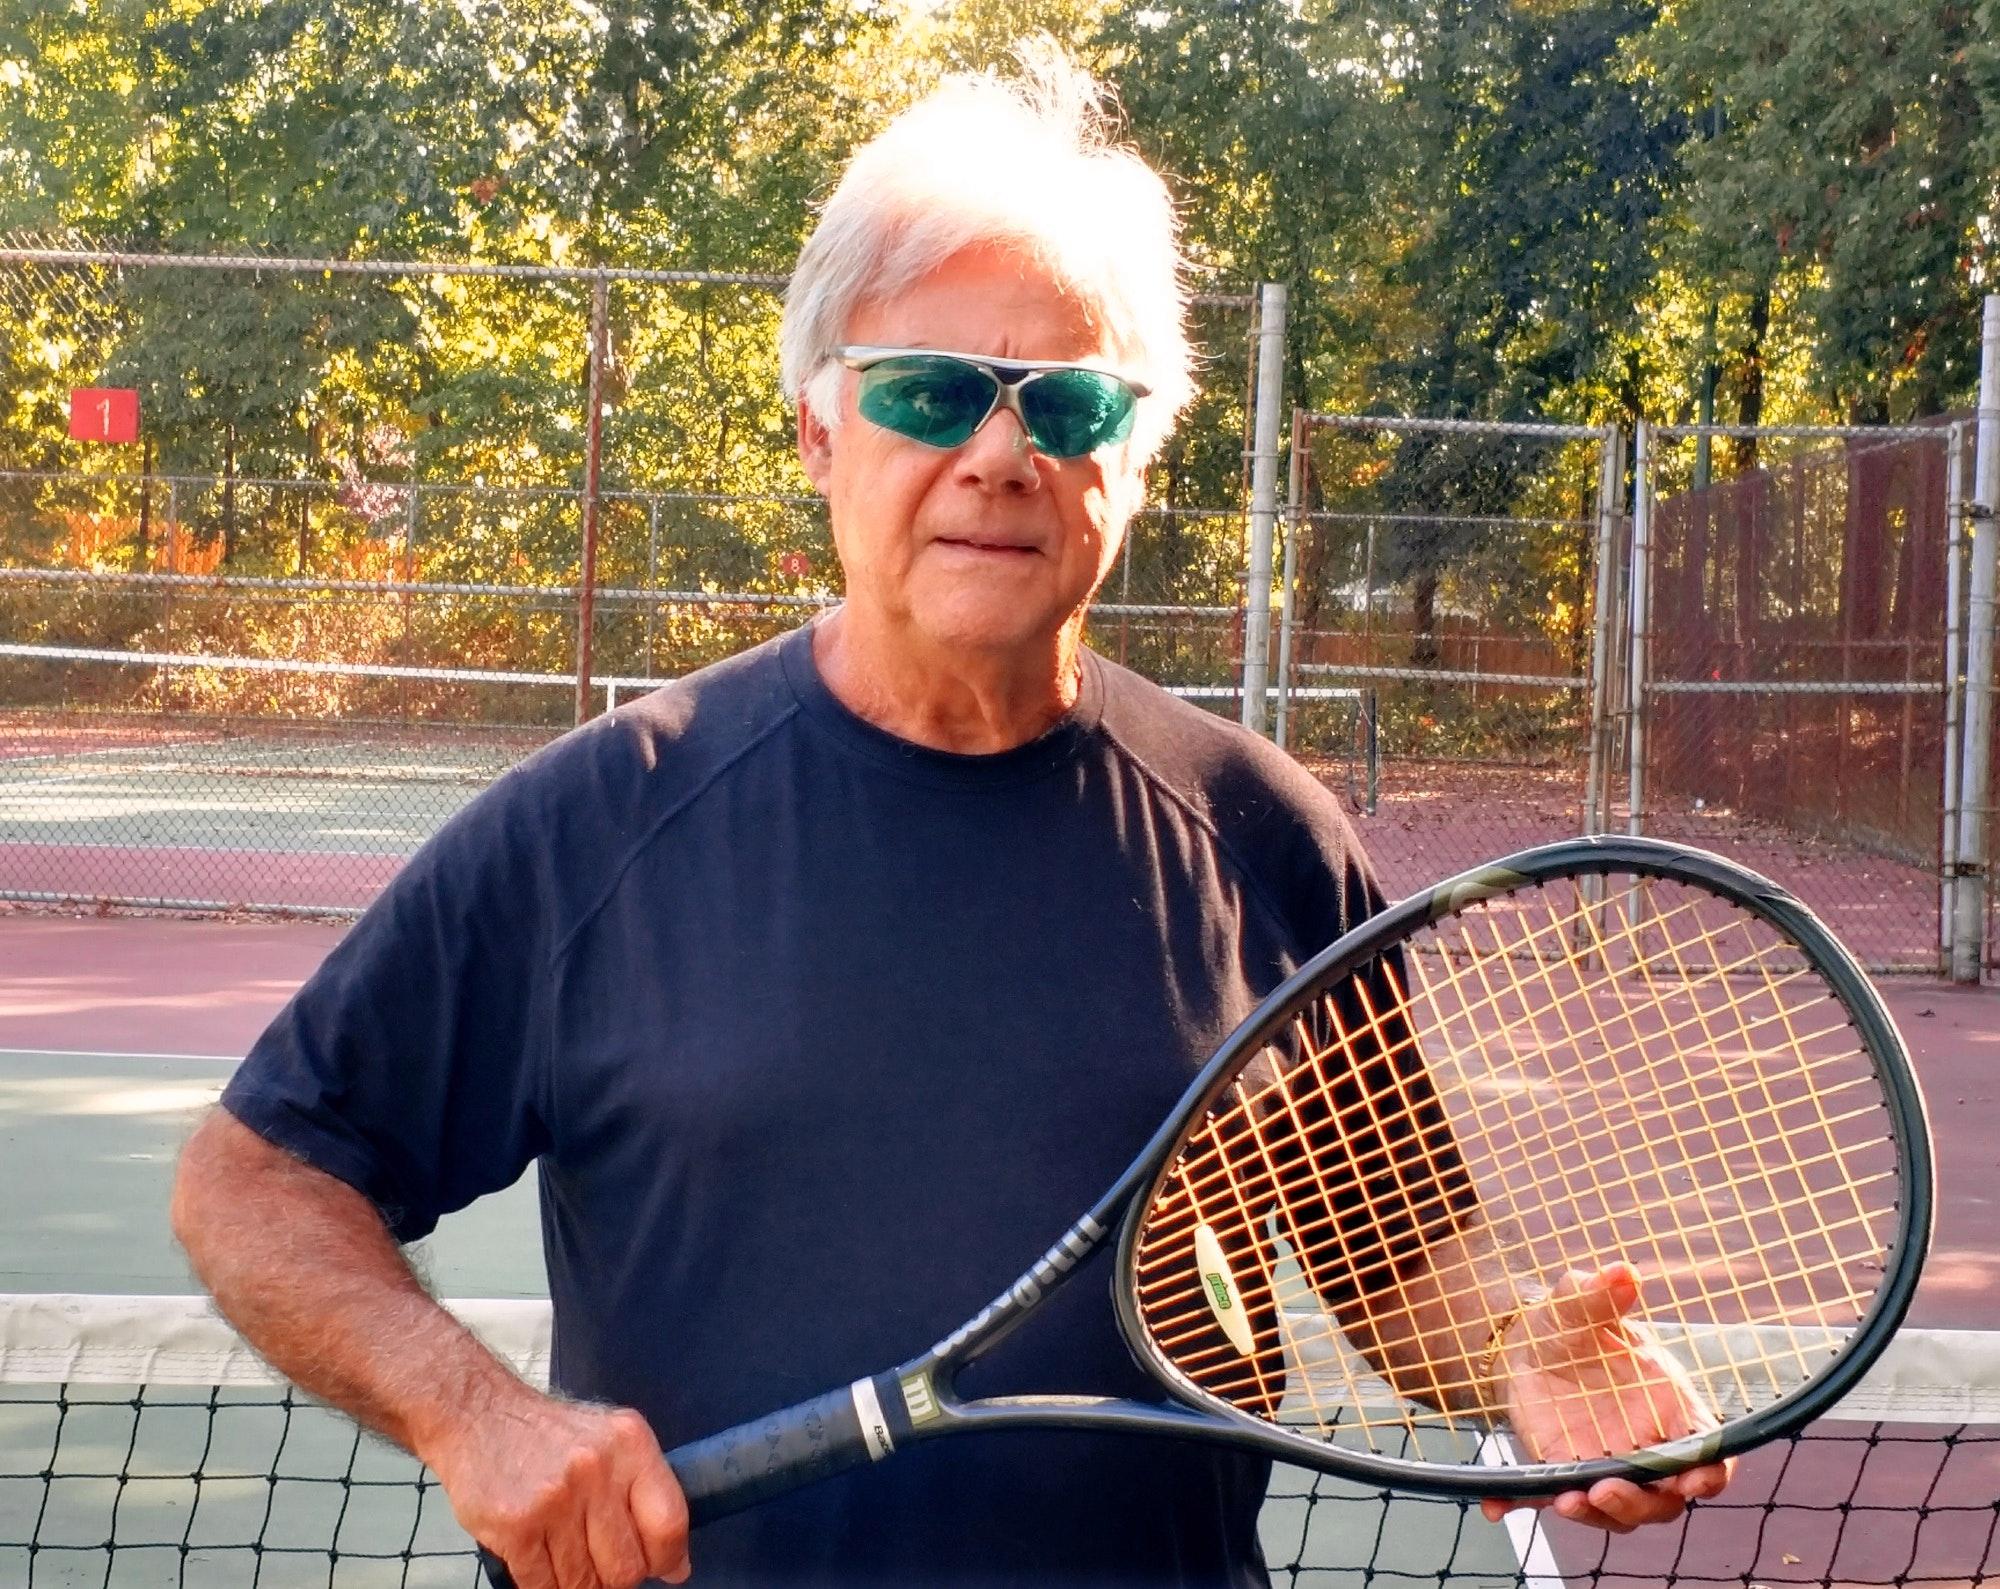 John G. teaches tennis lessons in Middletown, NJ